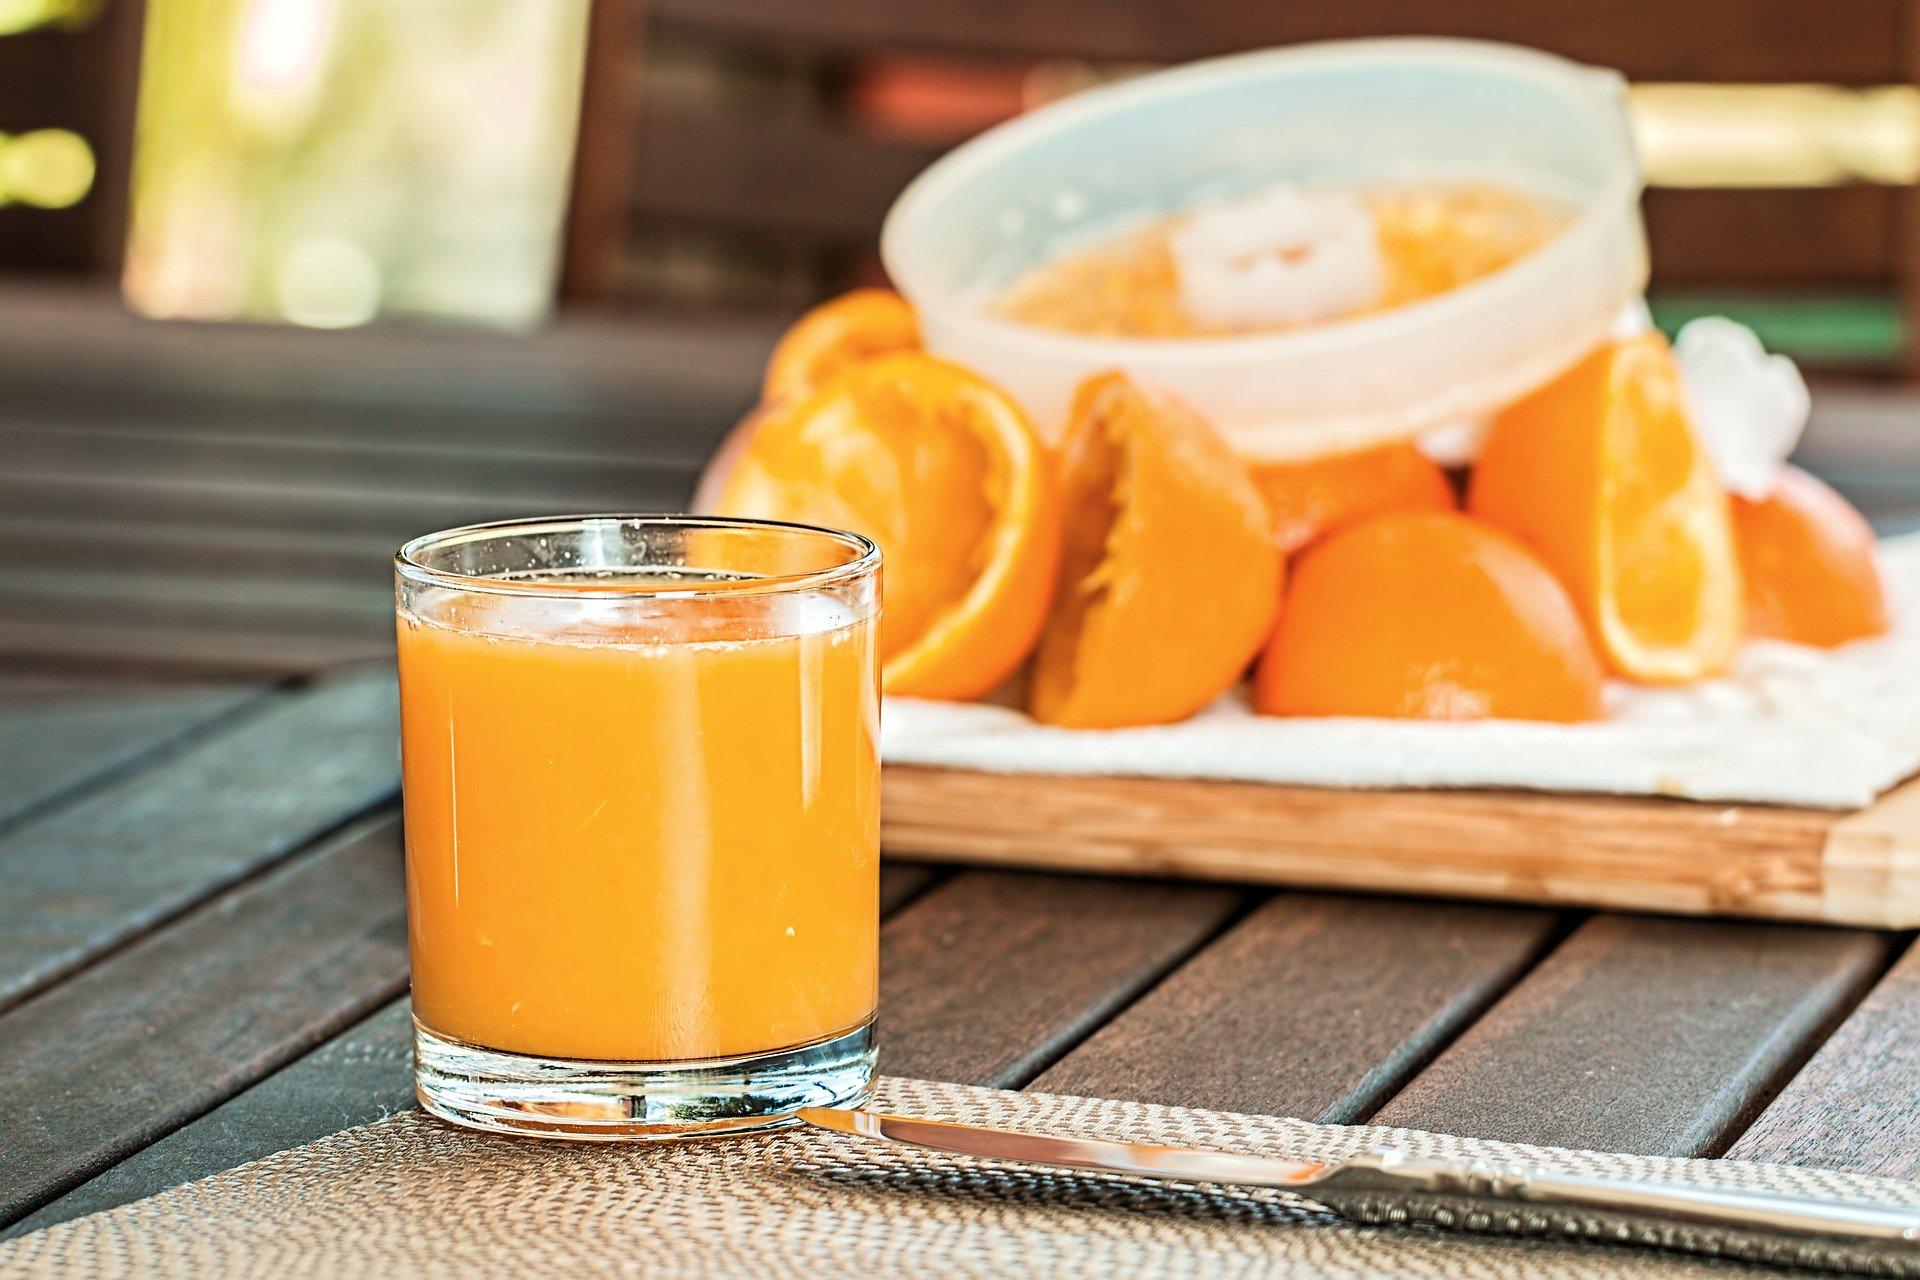 fresh-orange-juice-1614822-1920-1